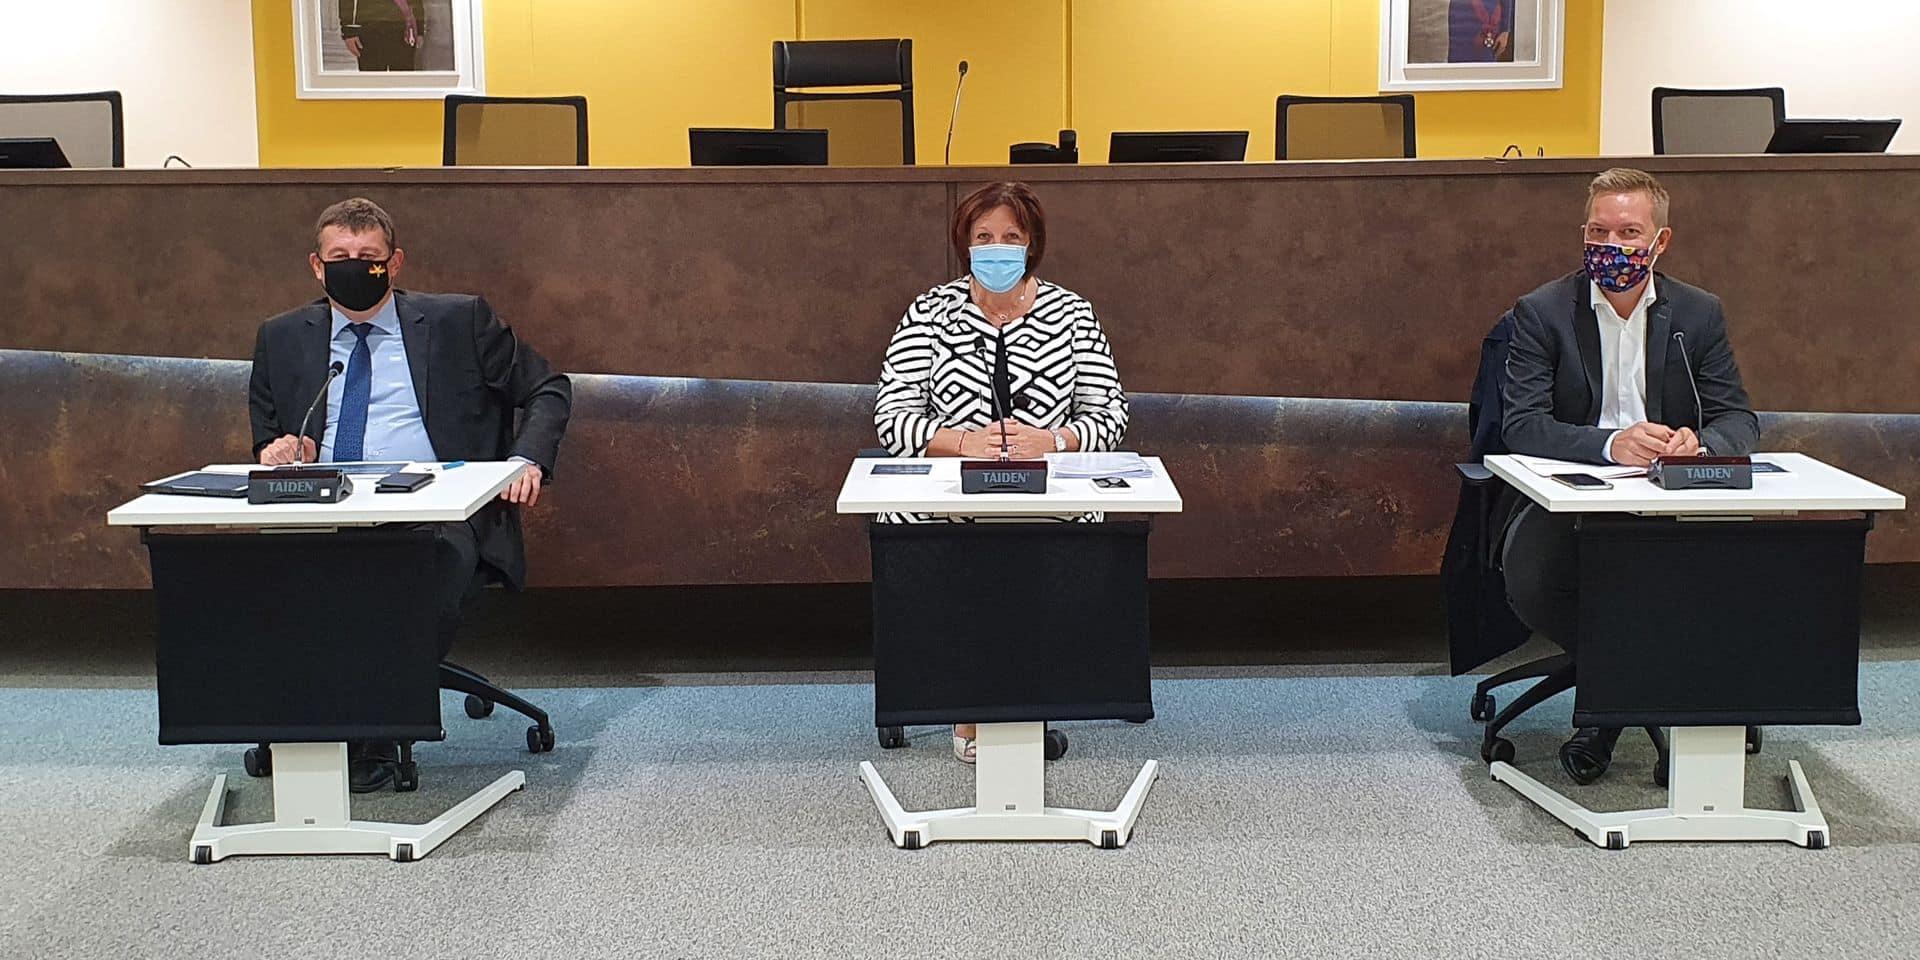 Tournai-Ath-Mouscron: les mesures sanitaires toujours d'application jusqu'au 31 octobre